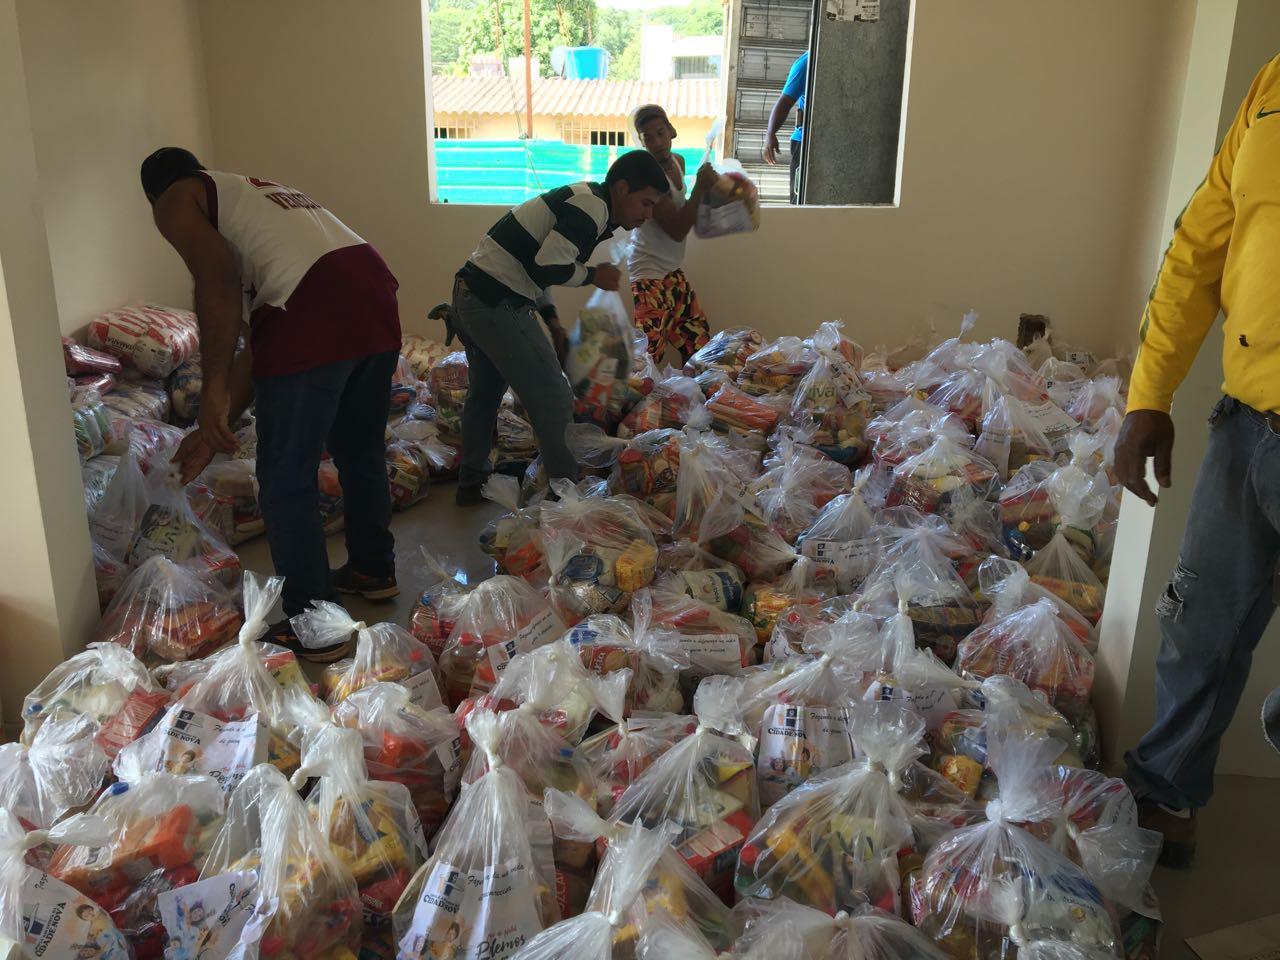 4f510afee8 Famílias venezuelanas recebem doações de alimentos - Notícias ...